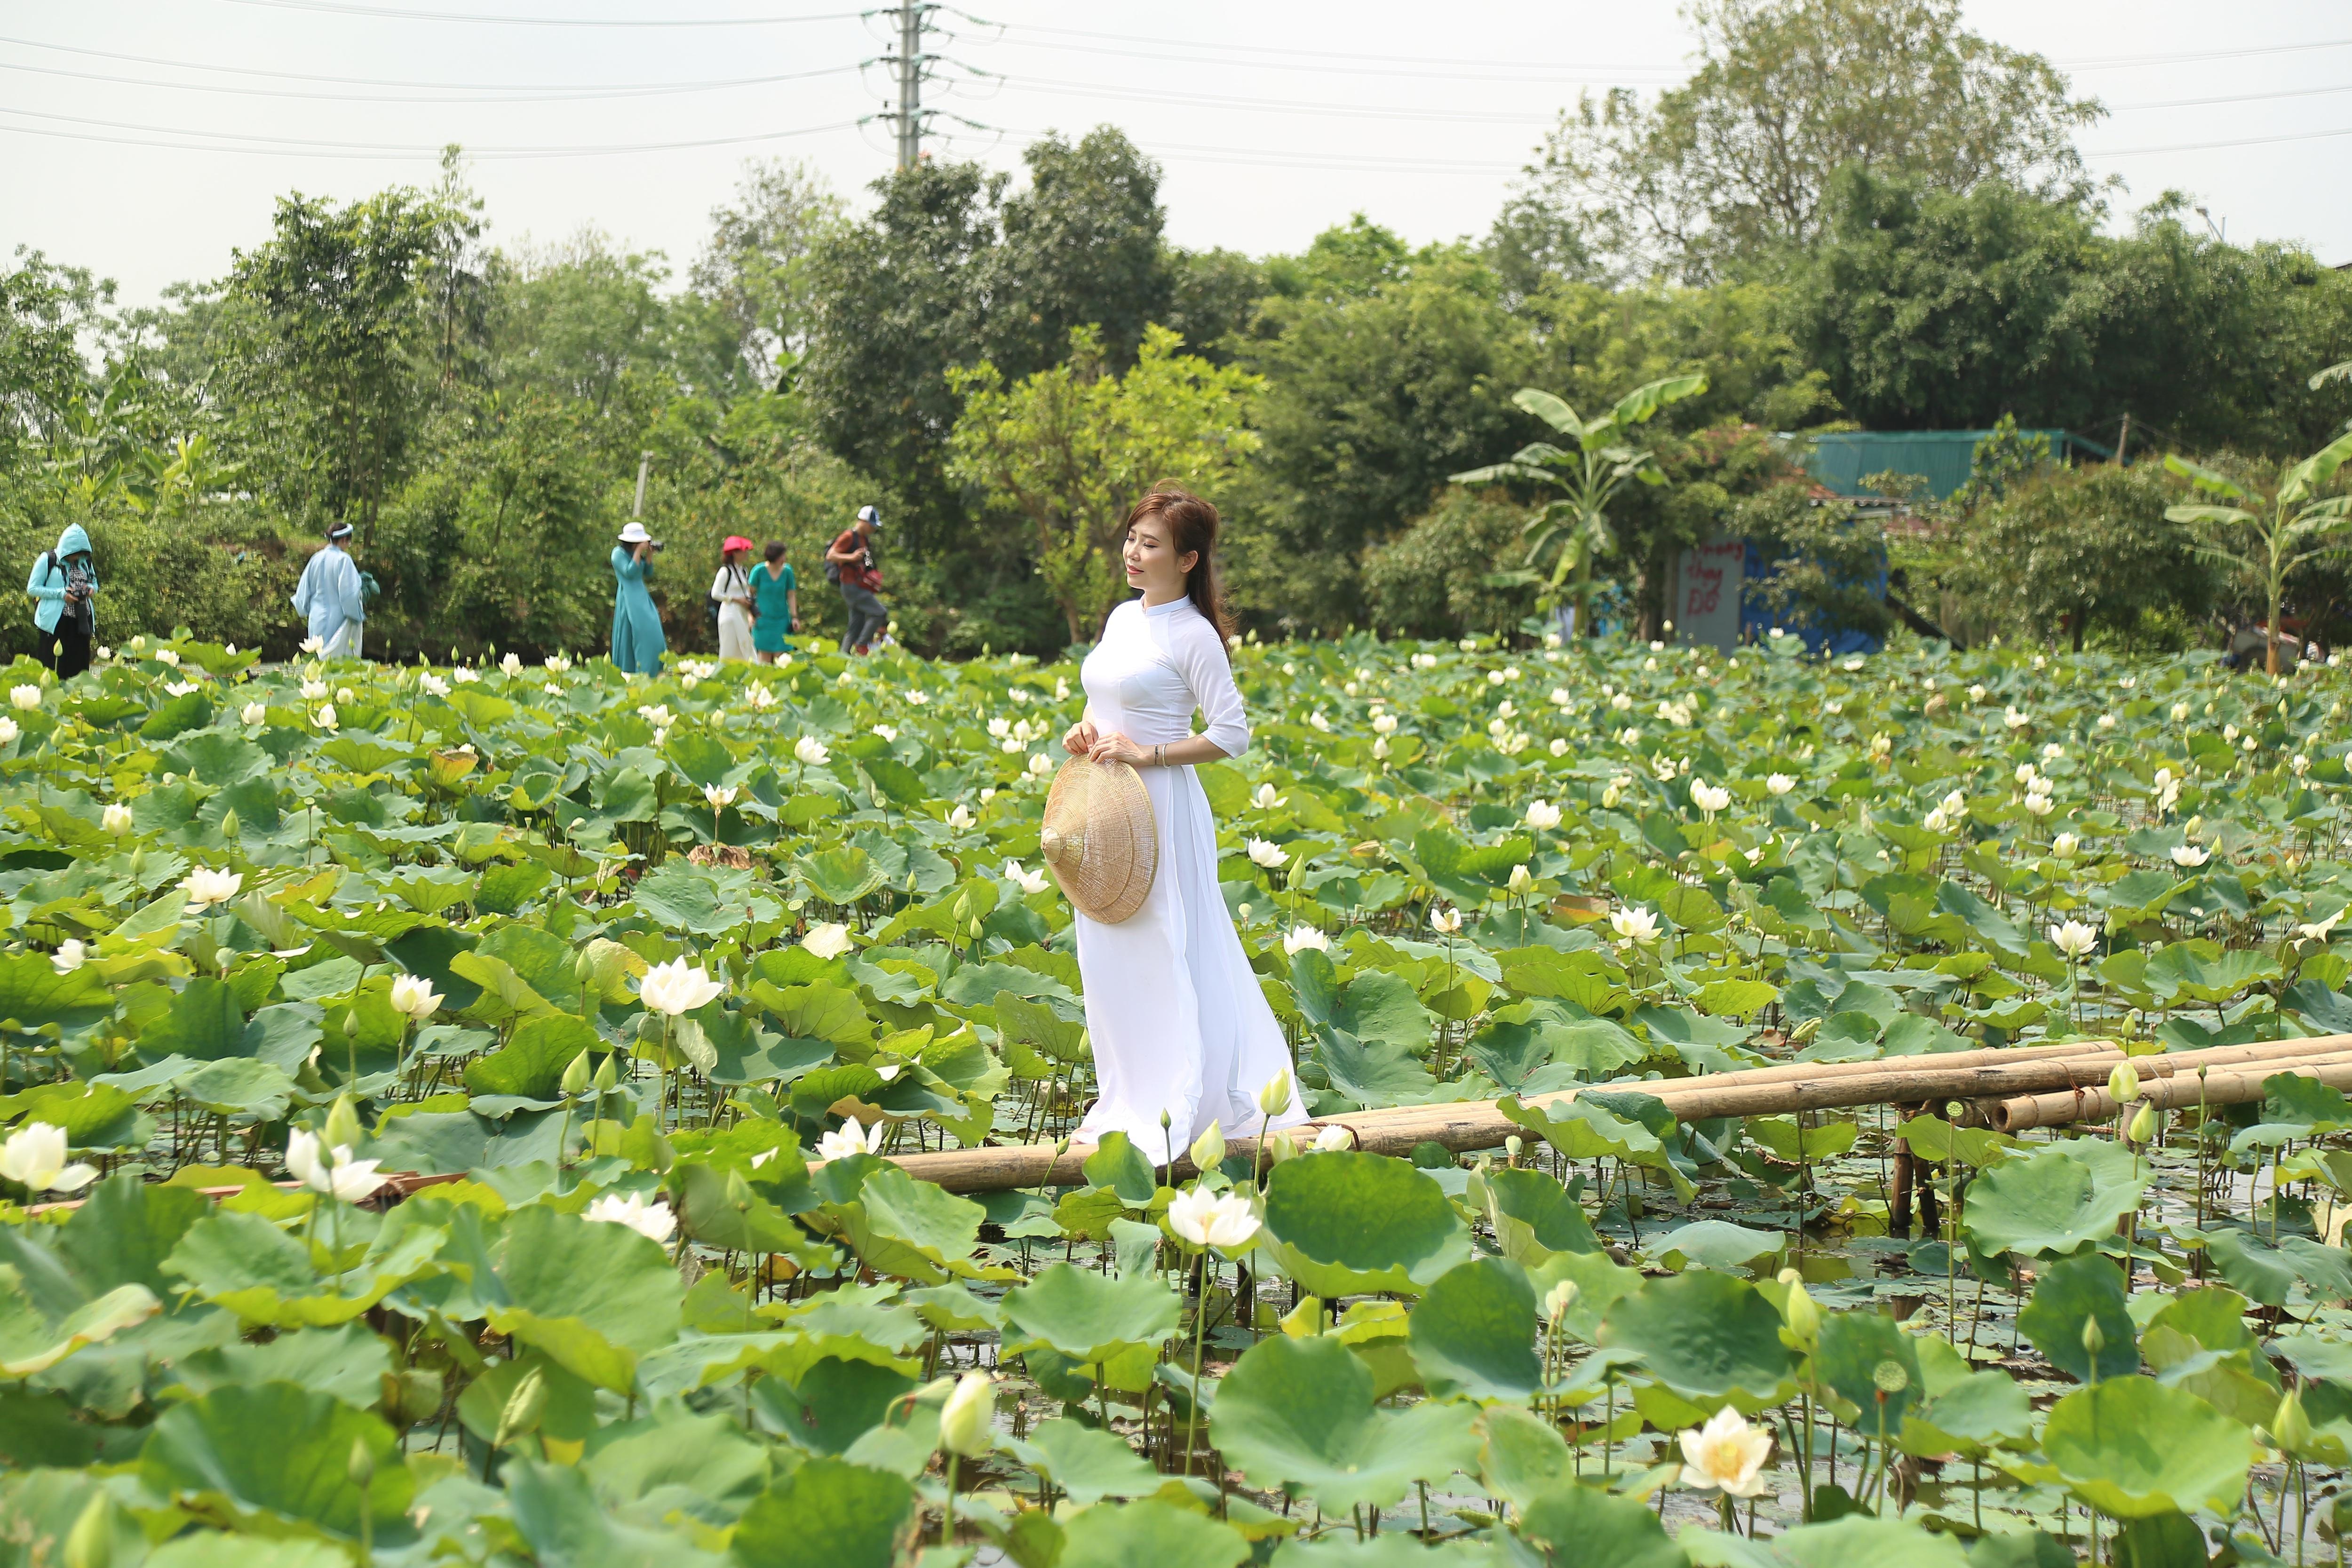 Hà Nội: Kiếm tiền triệu từ nghề trồng hoa sen trắng - 4